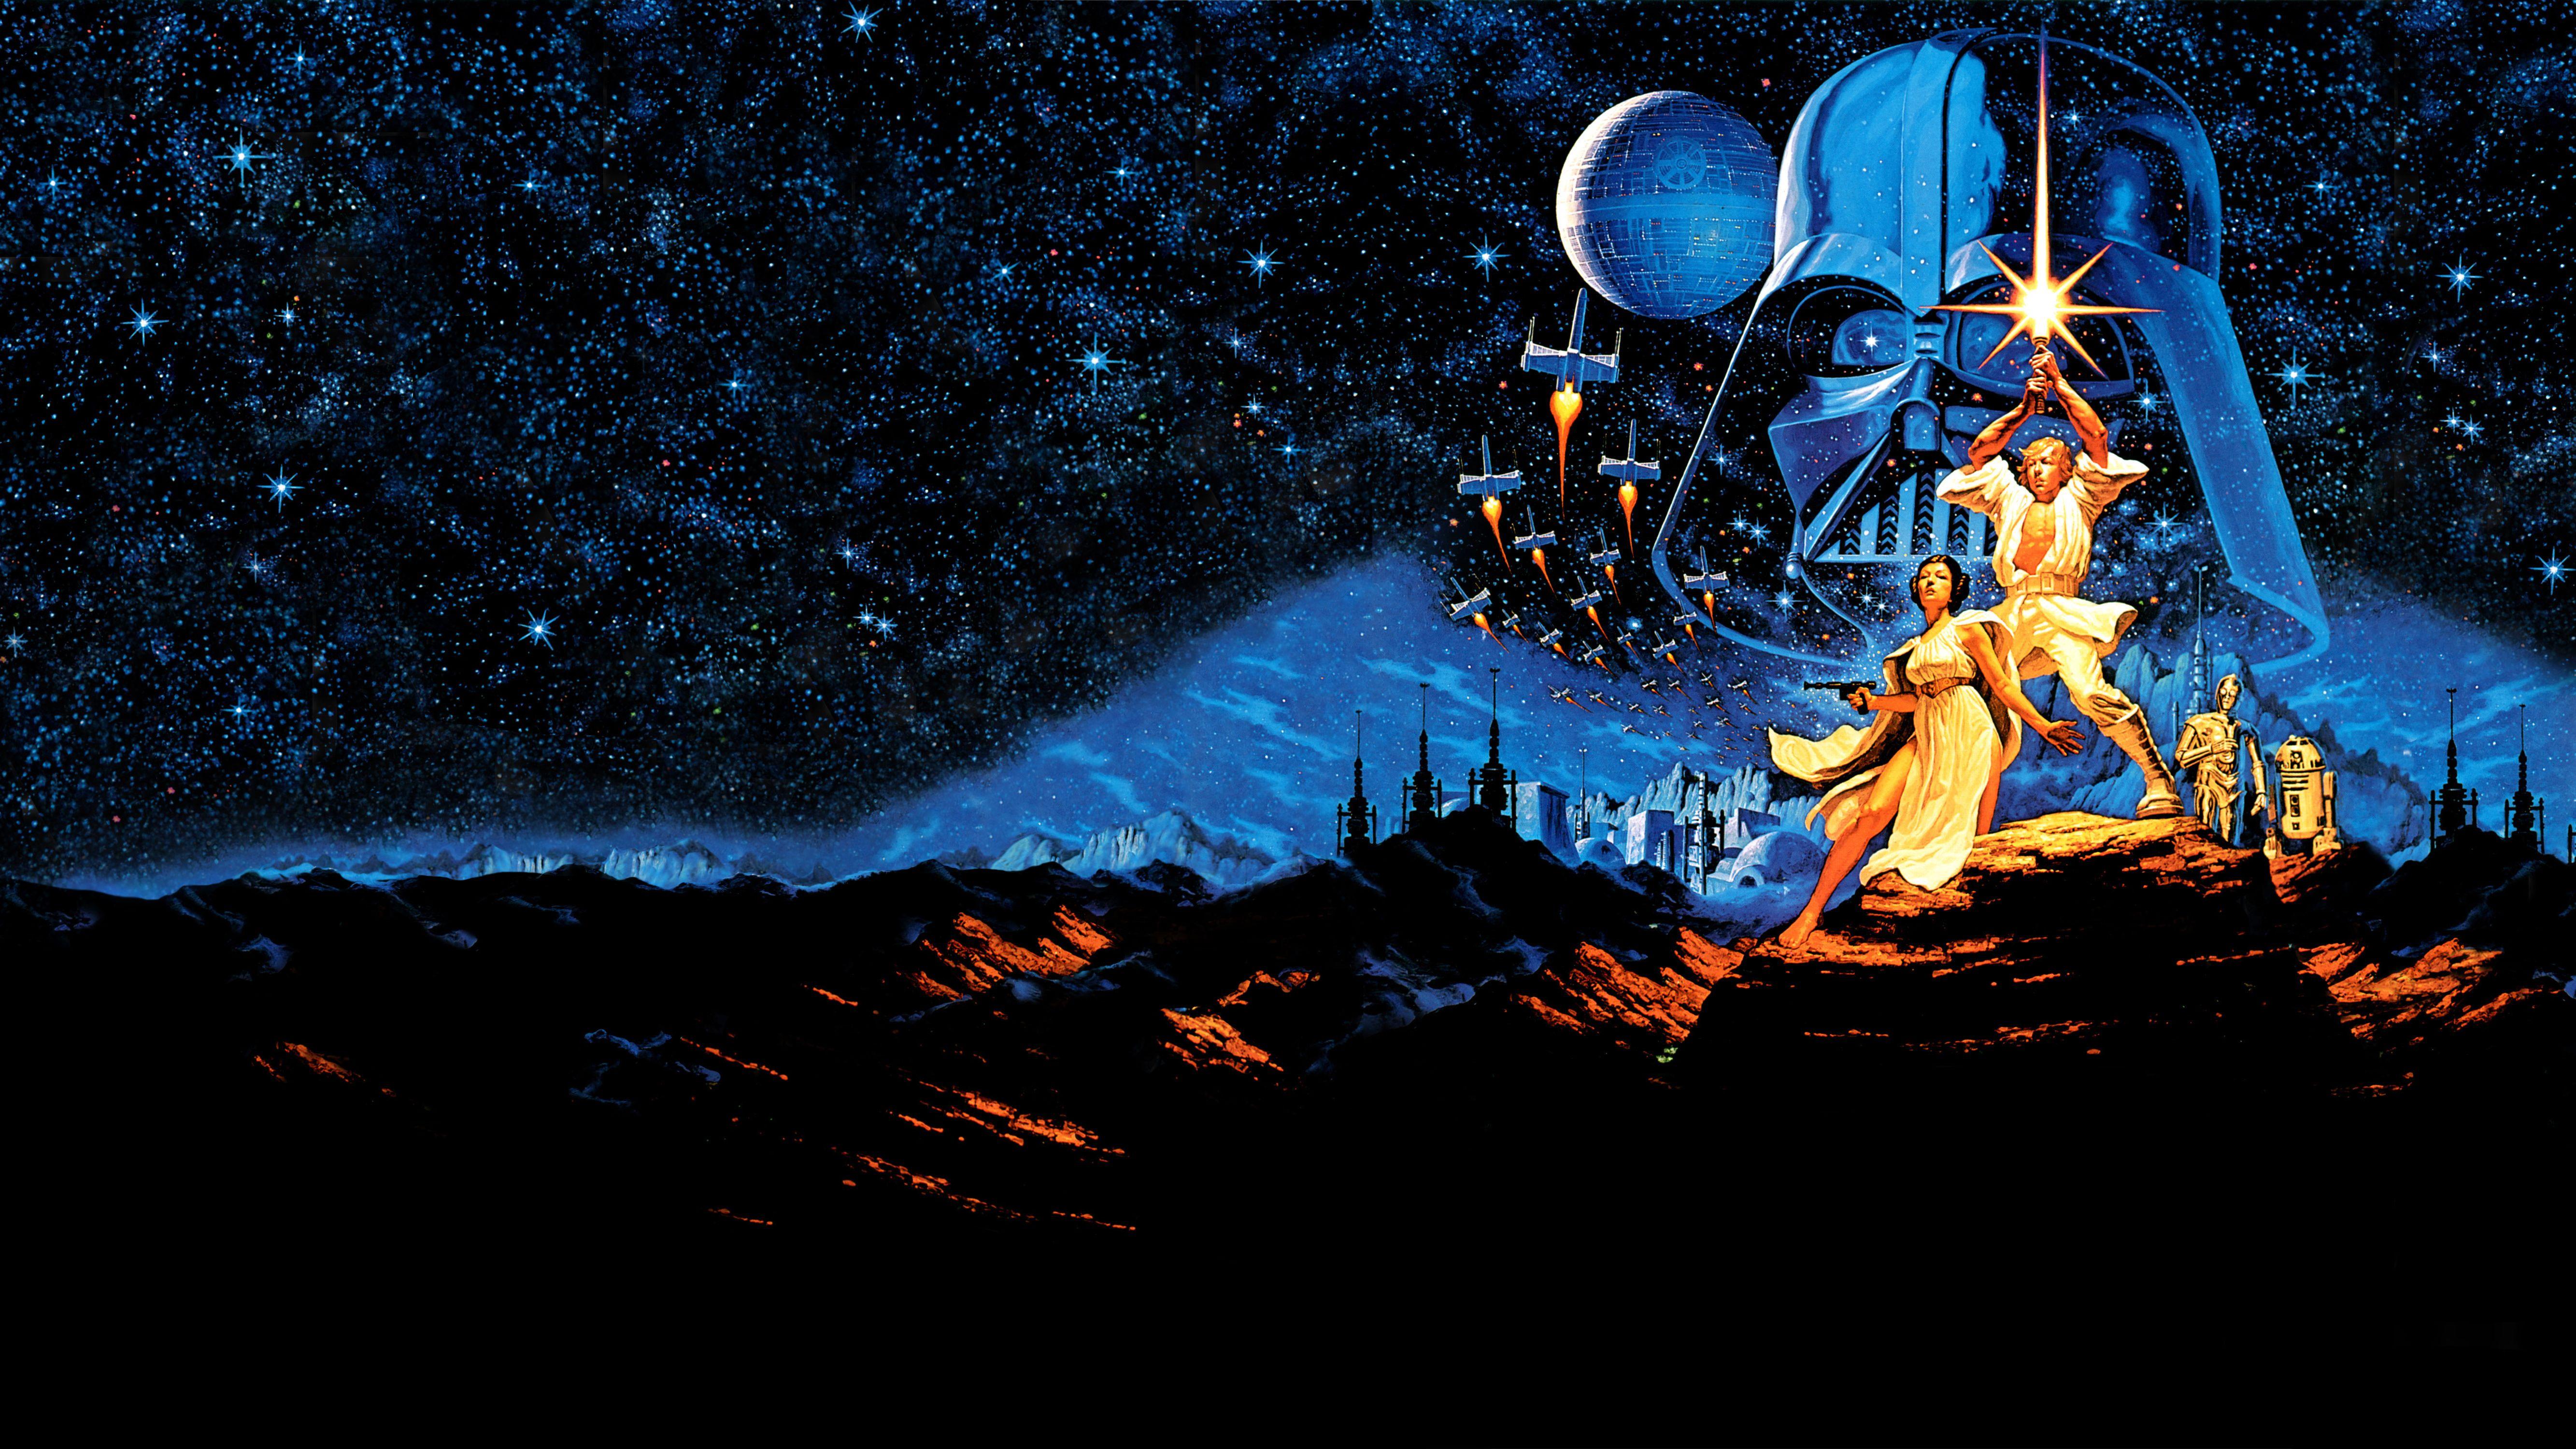 star wars phone background